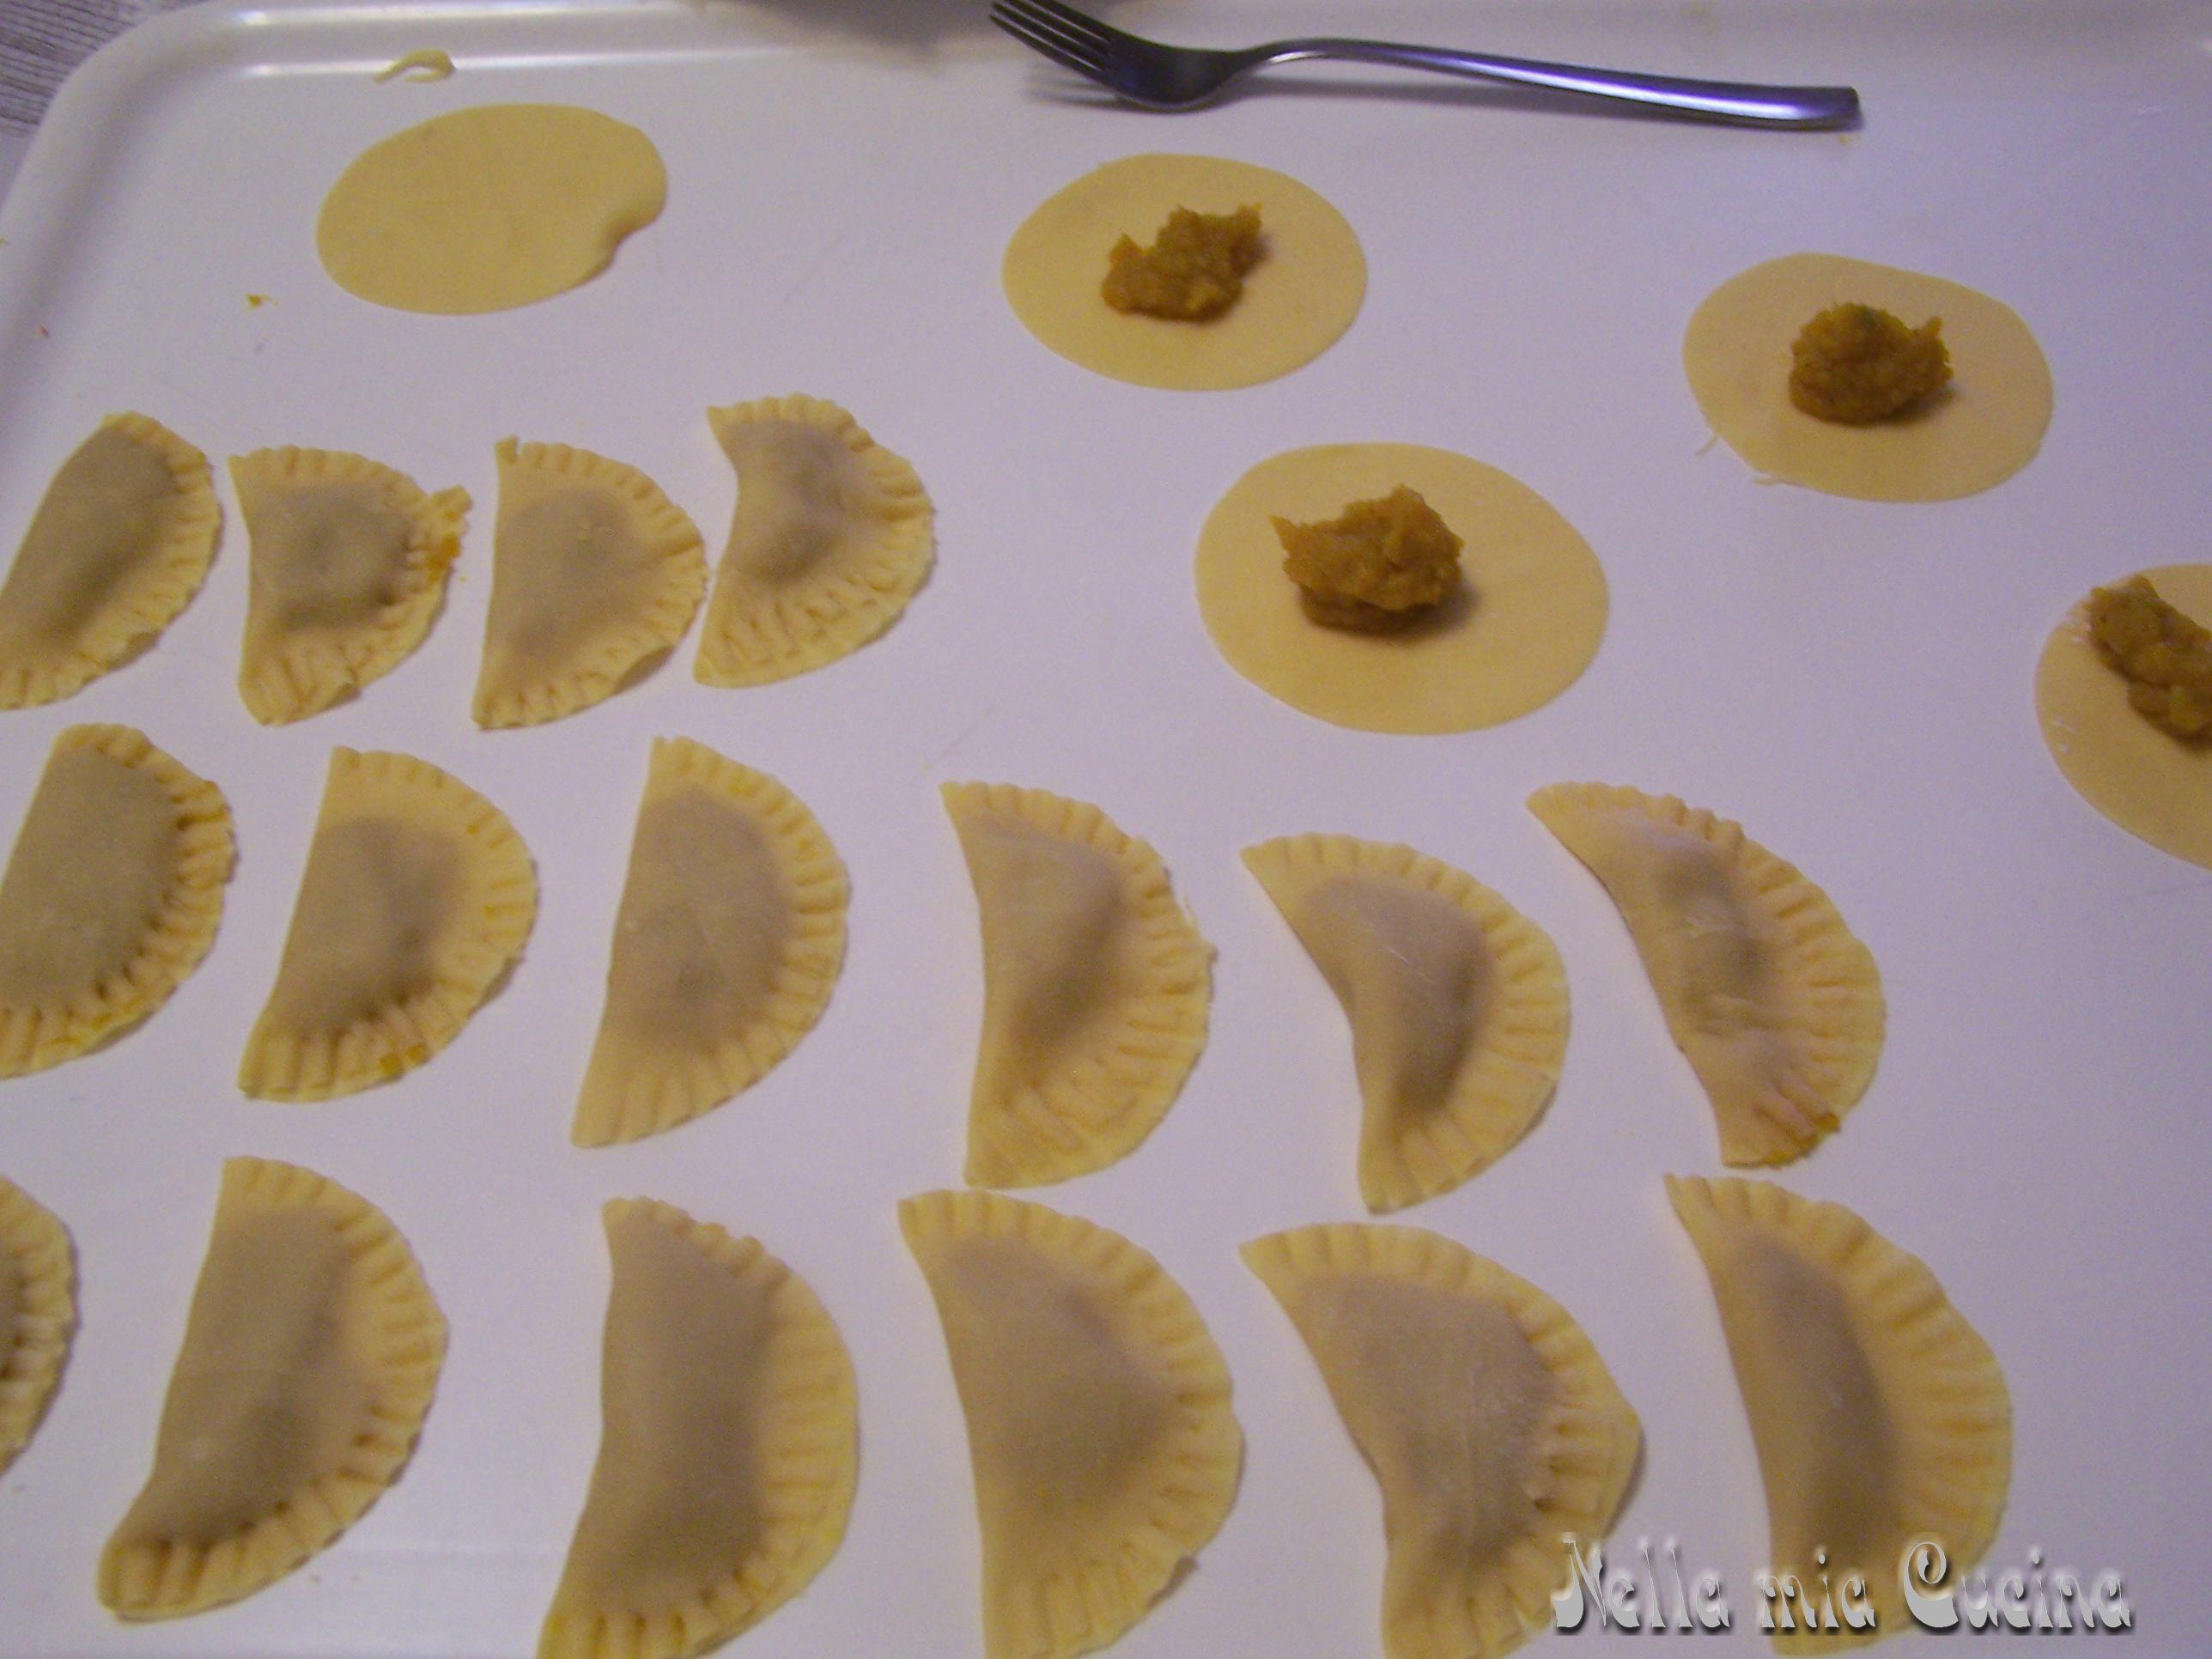 piegare la pasta e con una forchetta chiudere molto bene i semicerchi, lasciare la pasta ripiena almeno 30 minuti all'aria prima di cucinare .